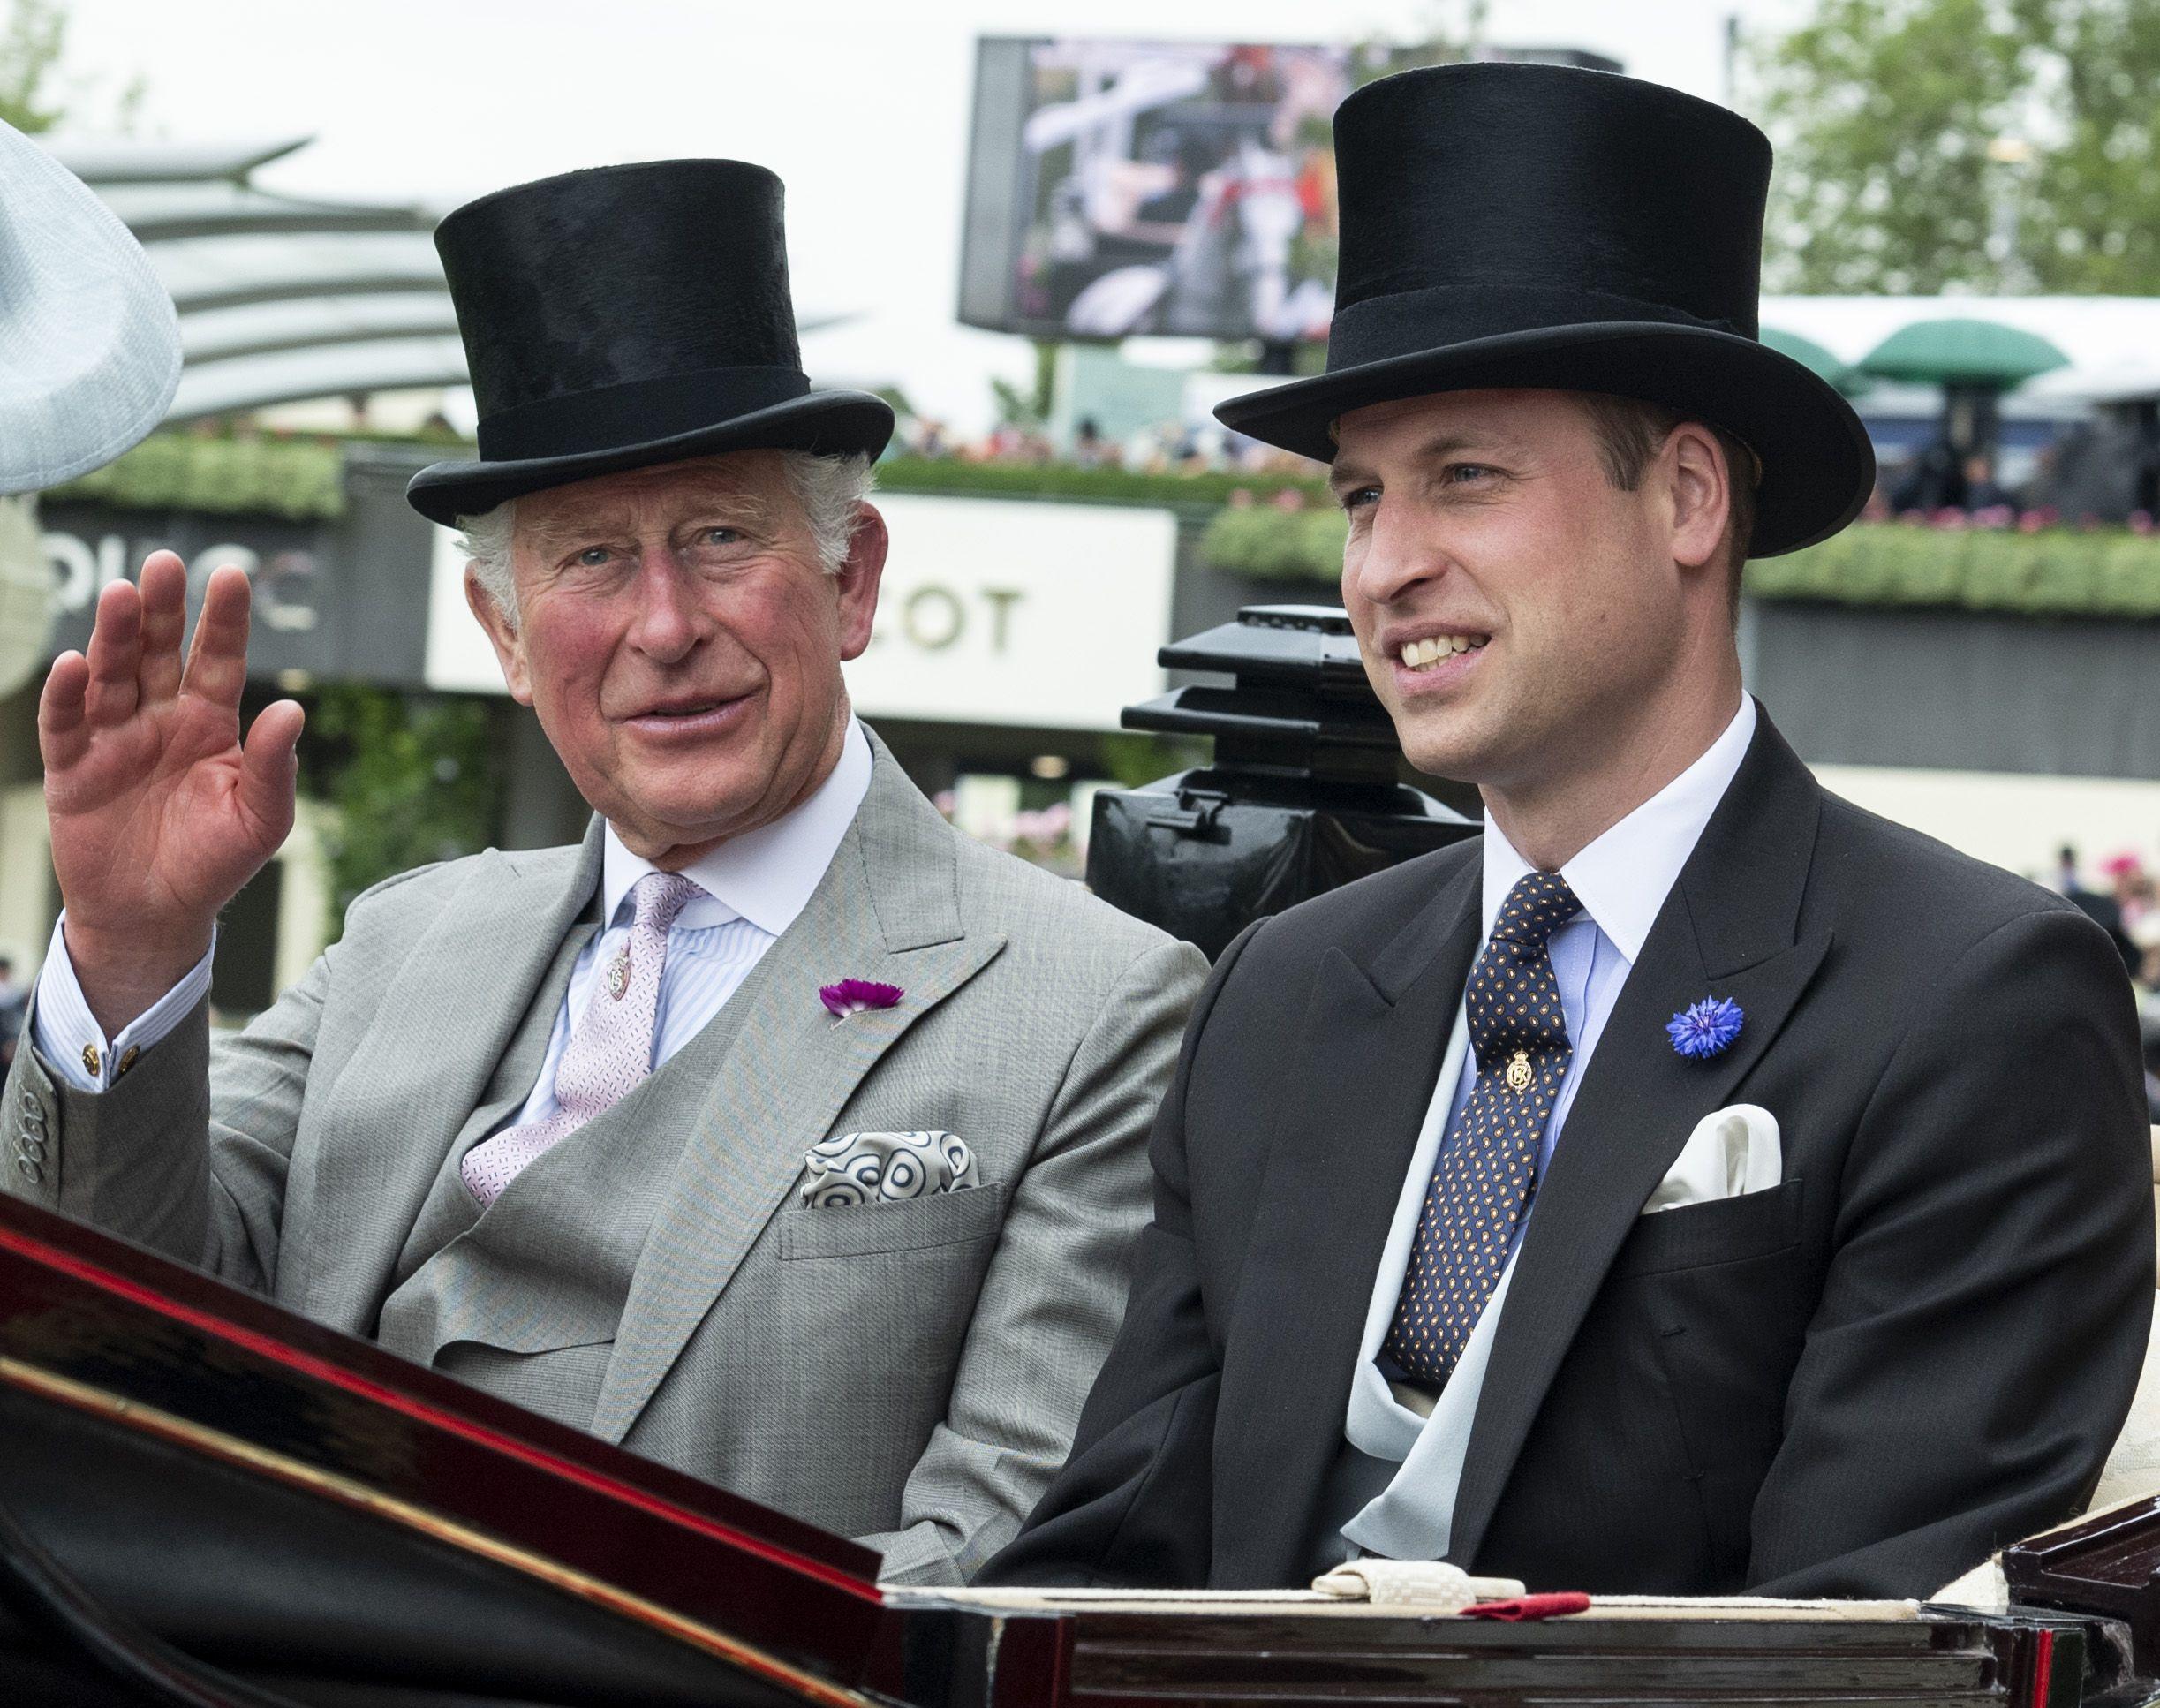 チャールズ皇太子、息子ウィリアム王子の言葉に思わず涙していた